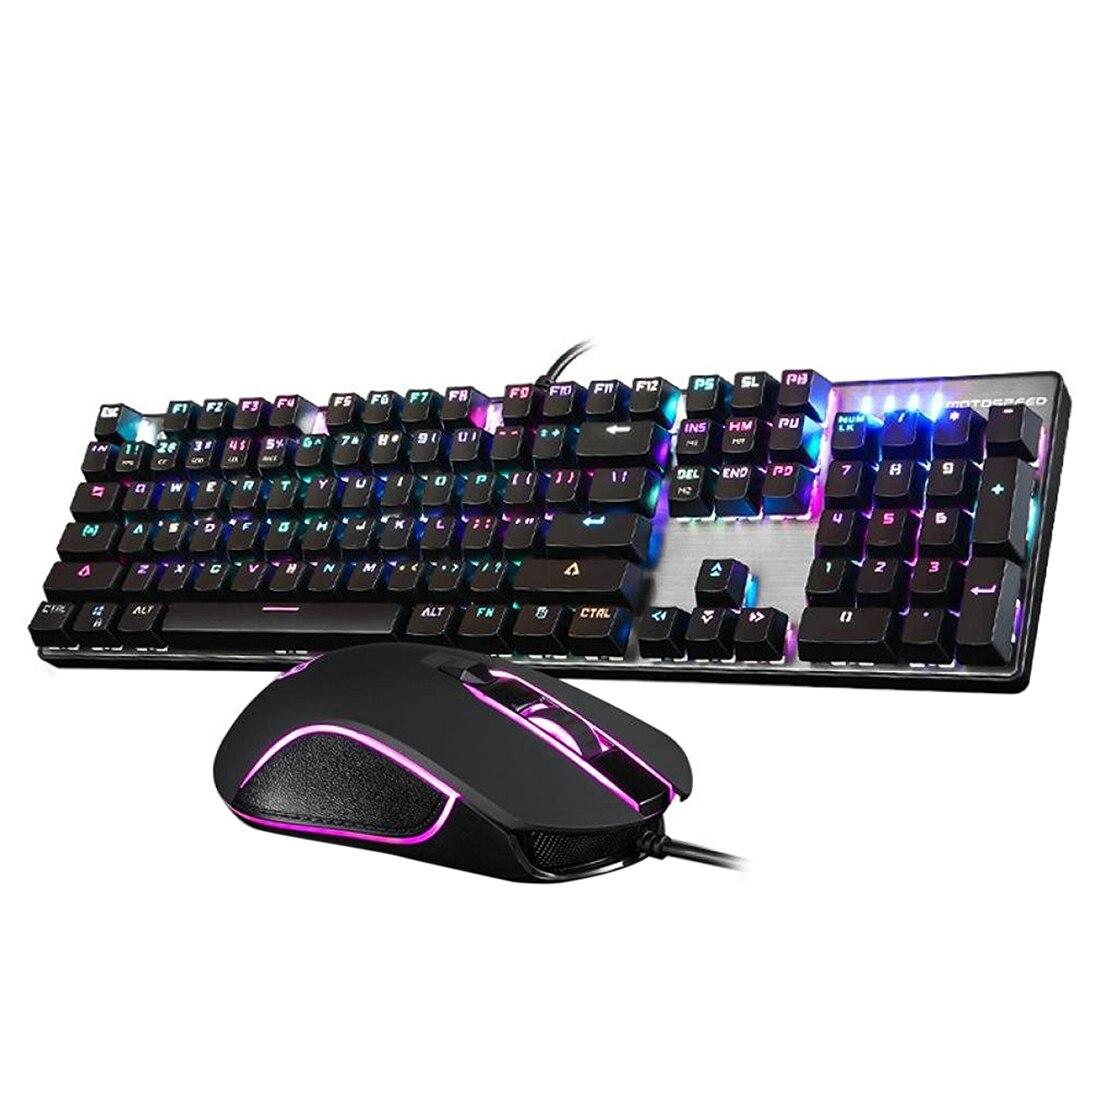 Motospeed CK888 Gaming Keyboard И Мышь комплект с радугой Подсветка для рабочего стола